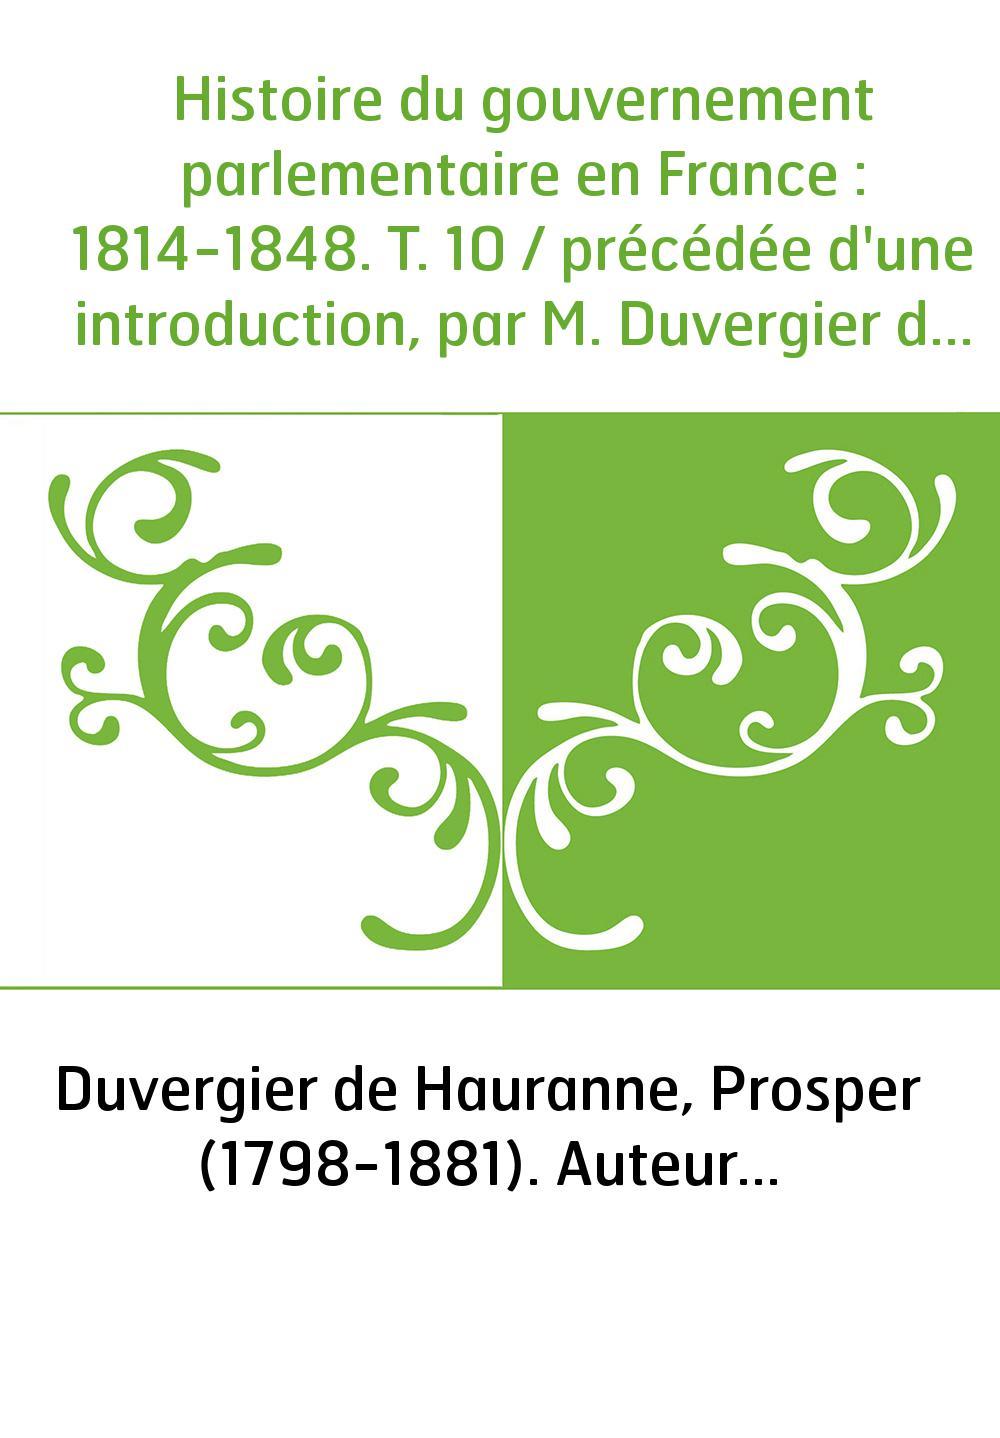 Histoire du gouvernement parlementaire en France : 1814-1848. T. 10 / précédée d'une introduction, par M. Duvergier de Hauranne